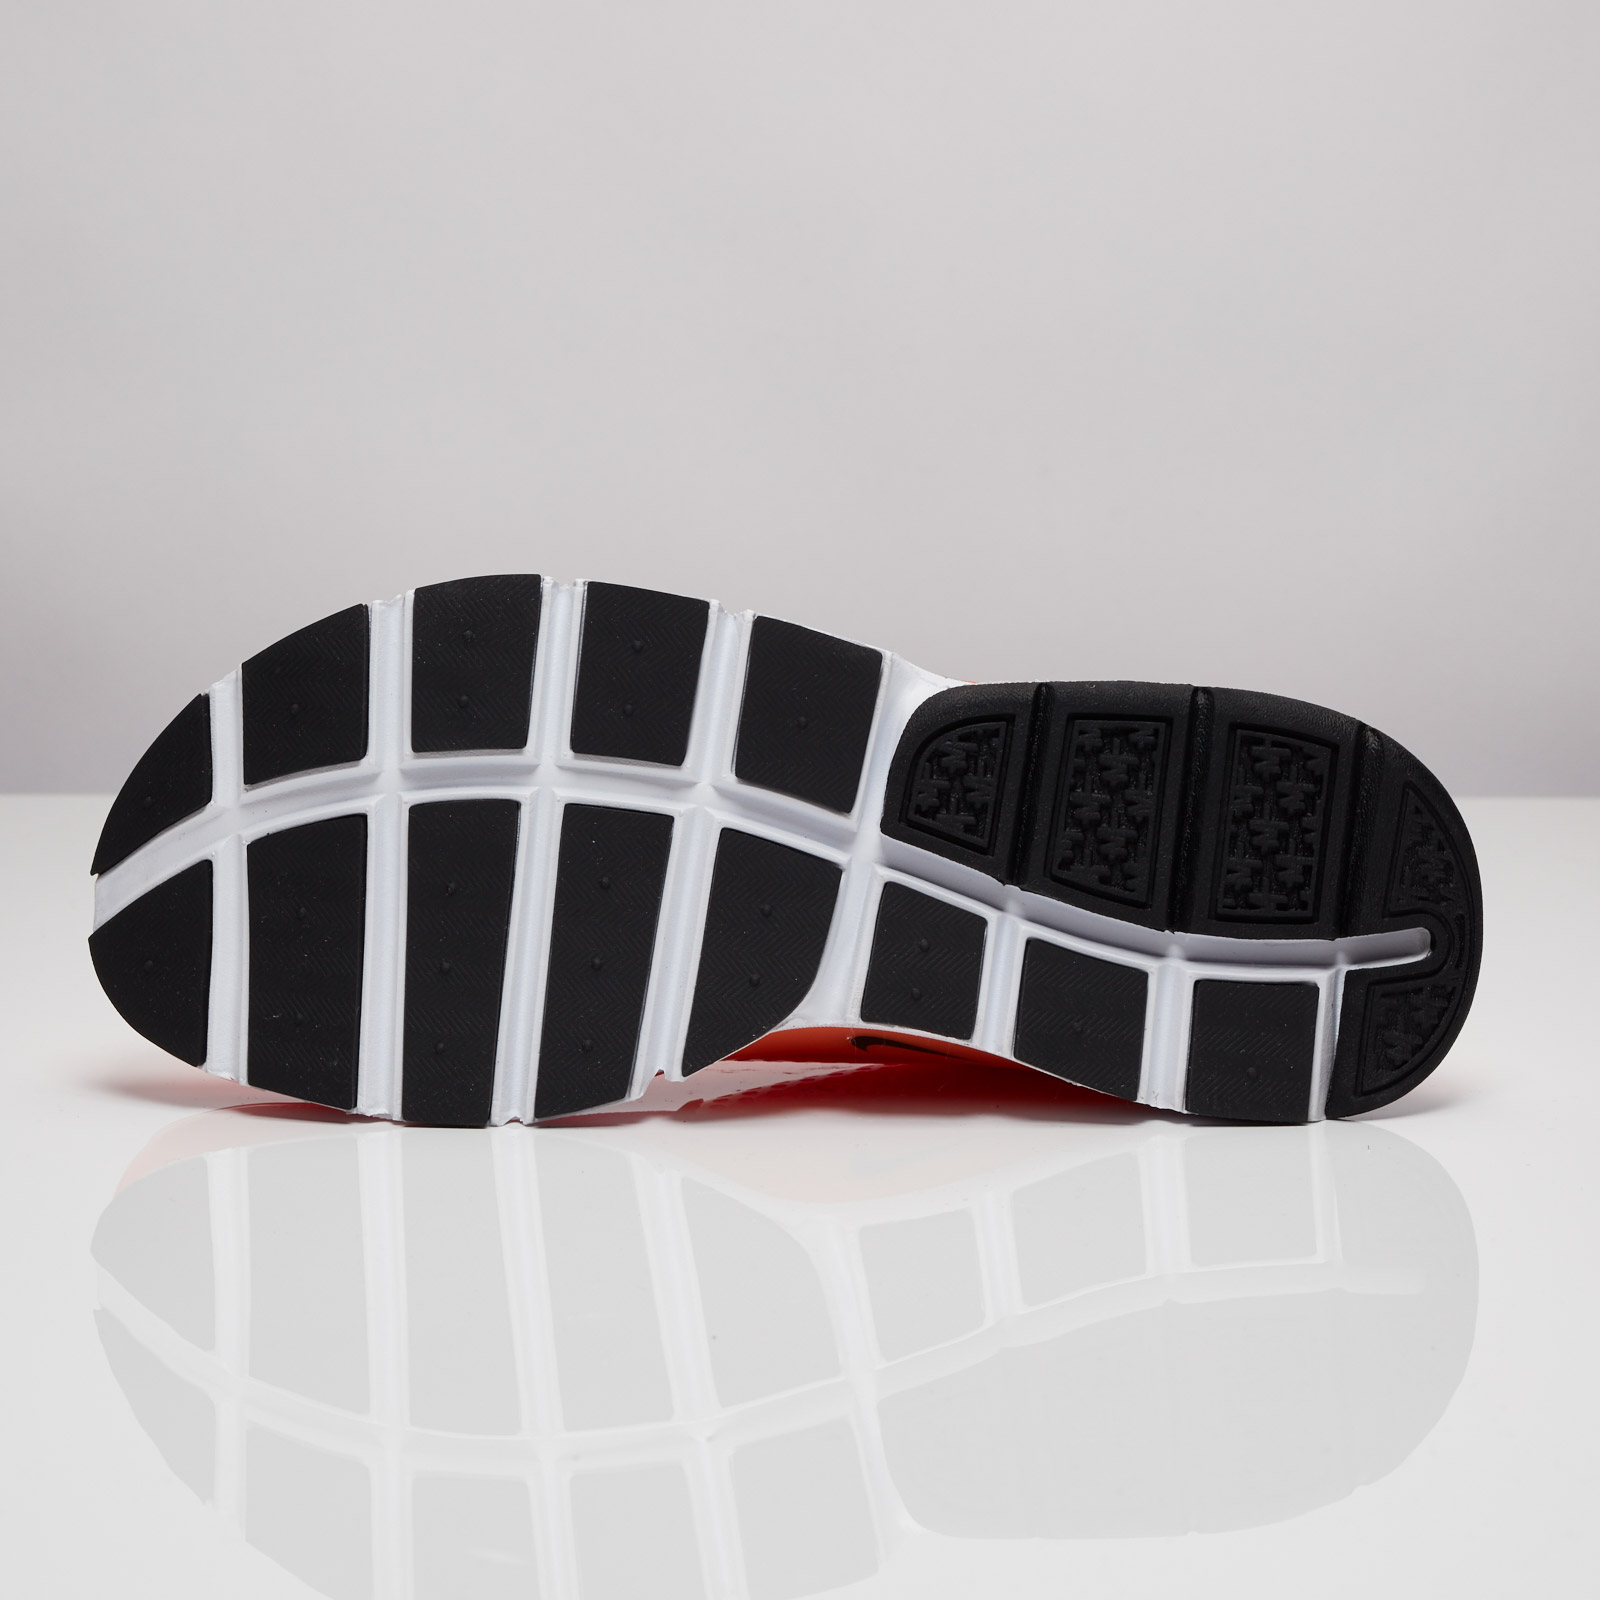 low priced e6d24 e3cd7 Nike Sock Dart SE - 833124-800 - Sneakersnstuff   sneakers   streetwear  online since 1999